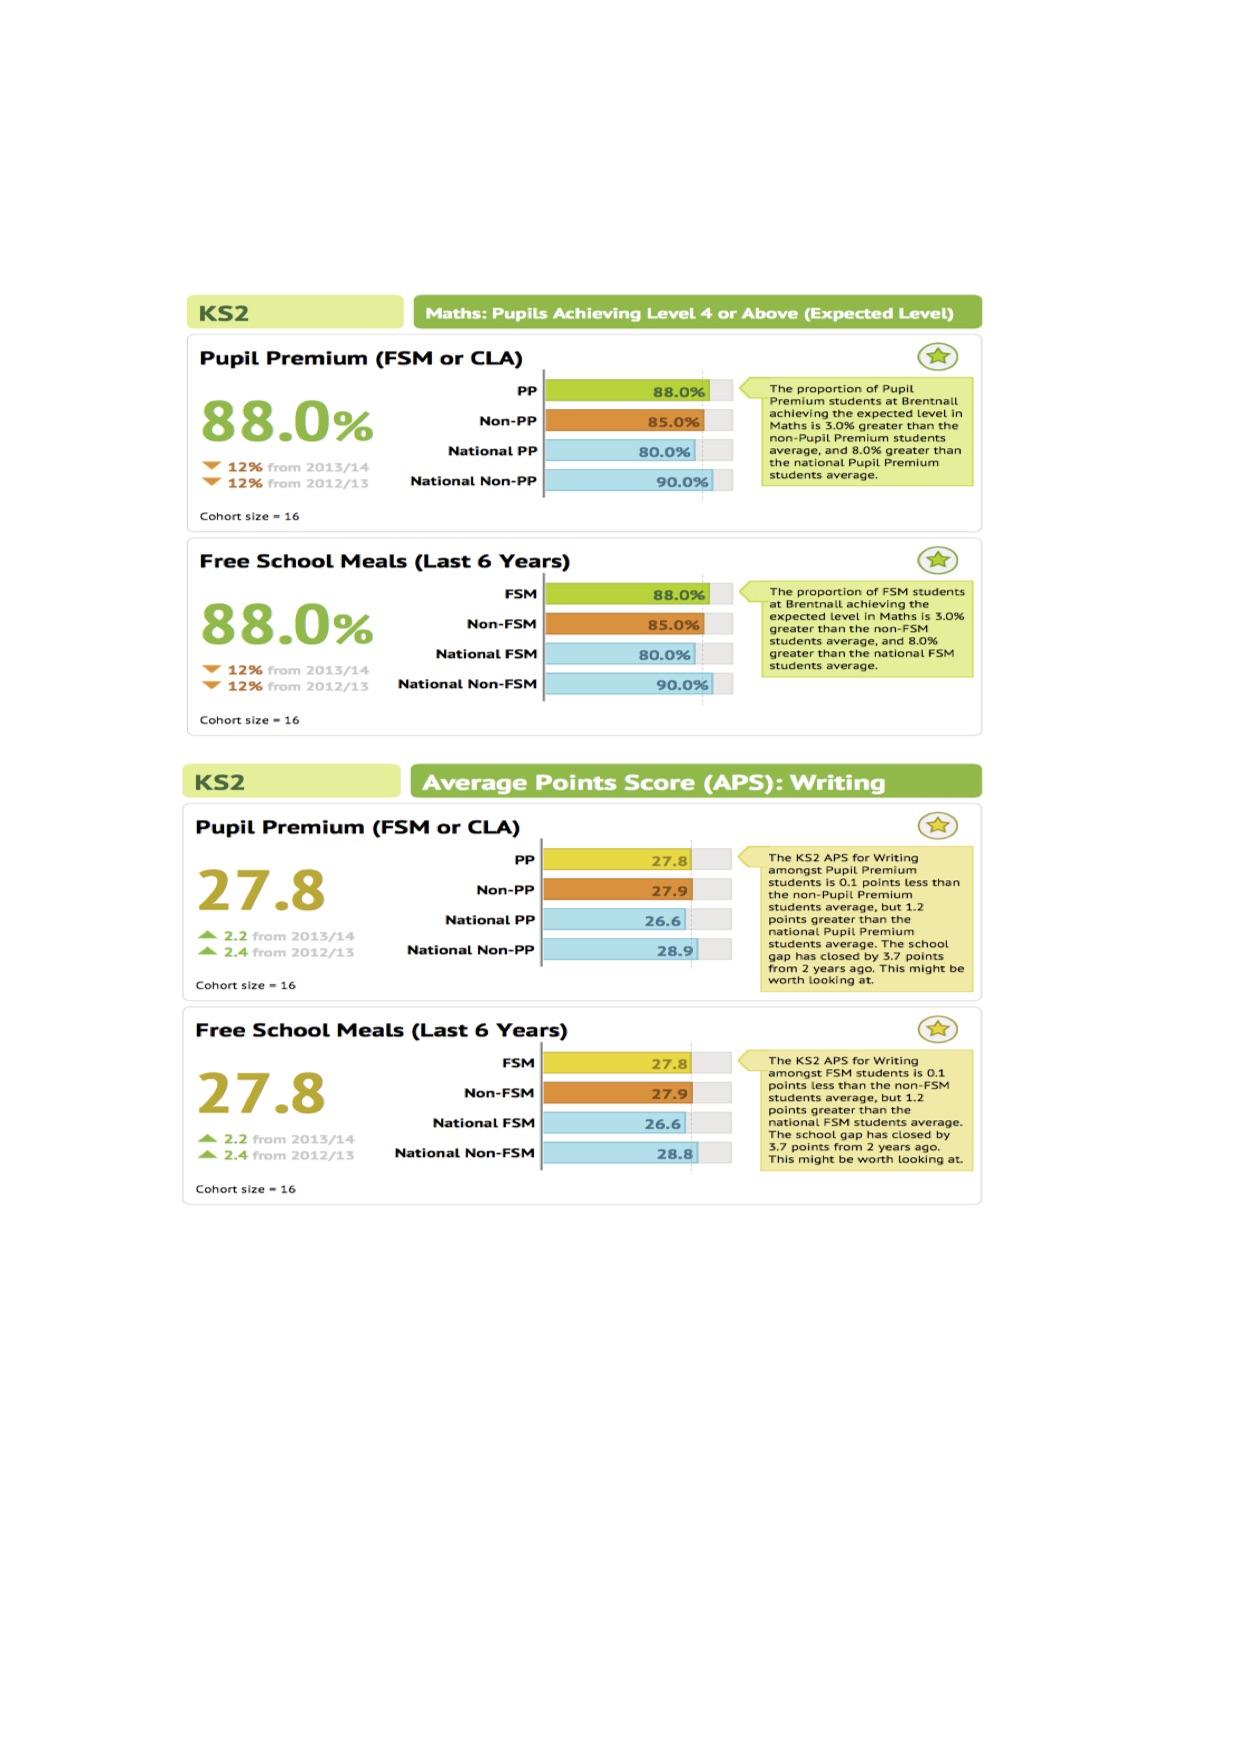 impact-of-our-pupil-premium-spend-2014-20151-ks2-attainment-part-2